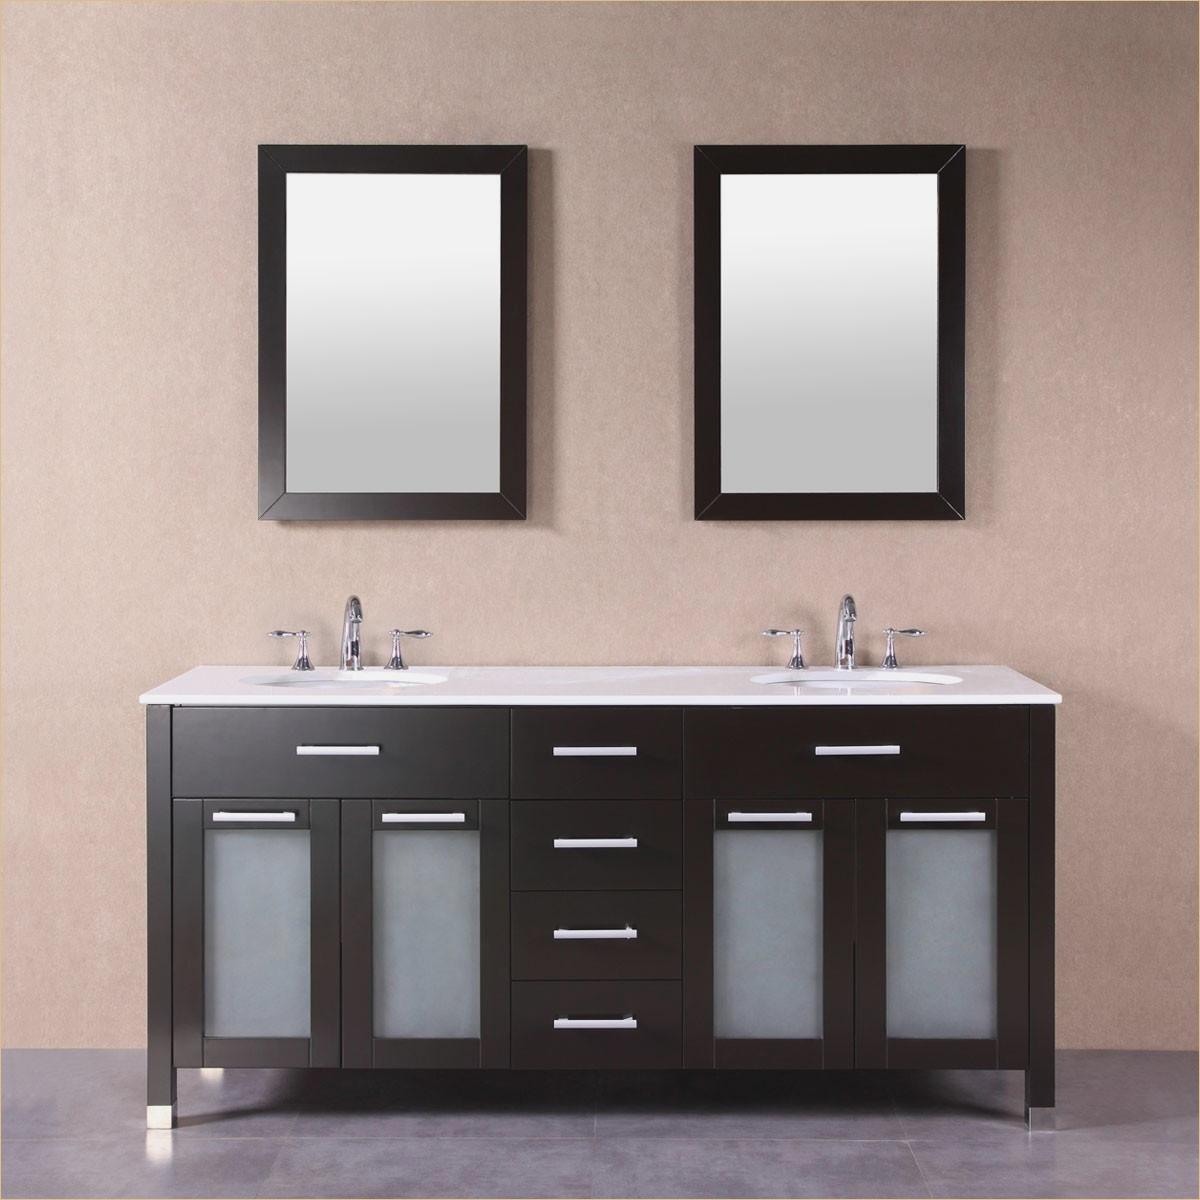 Meuble Wc Brico Dépot Nouveau Image Fantastiqué Meuble Miroir Salle De Bain